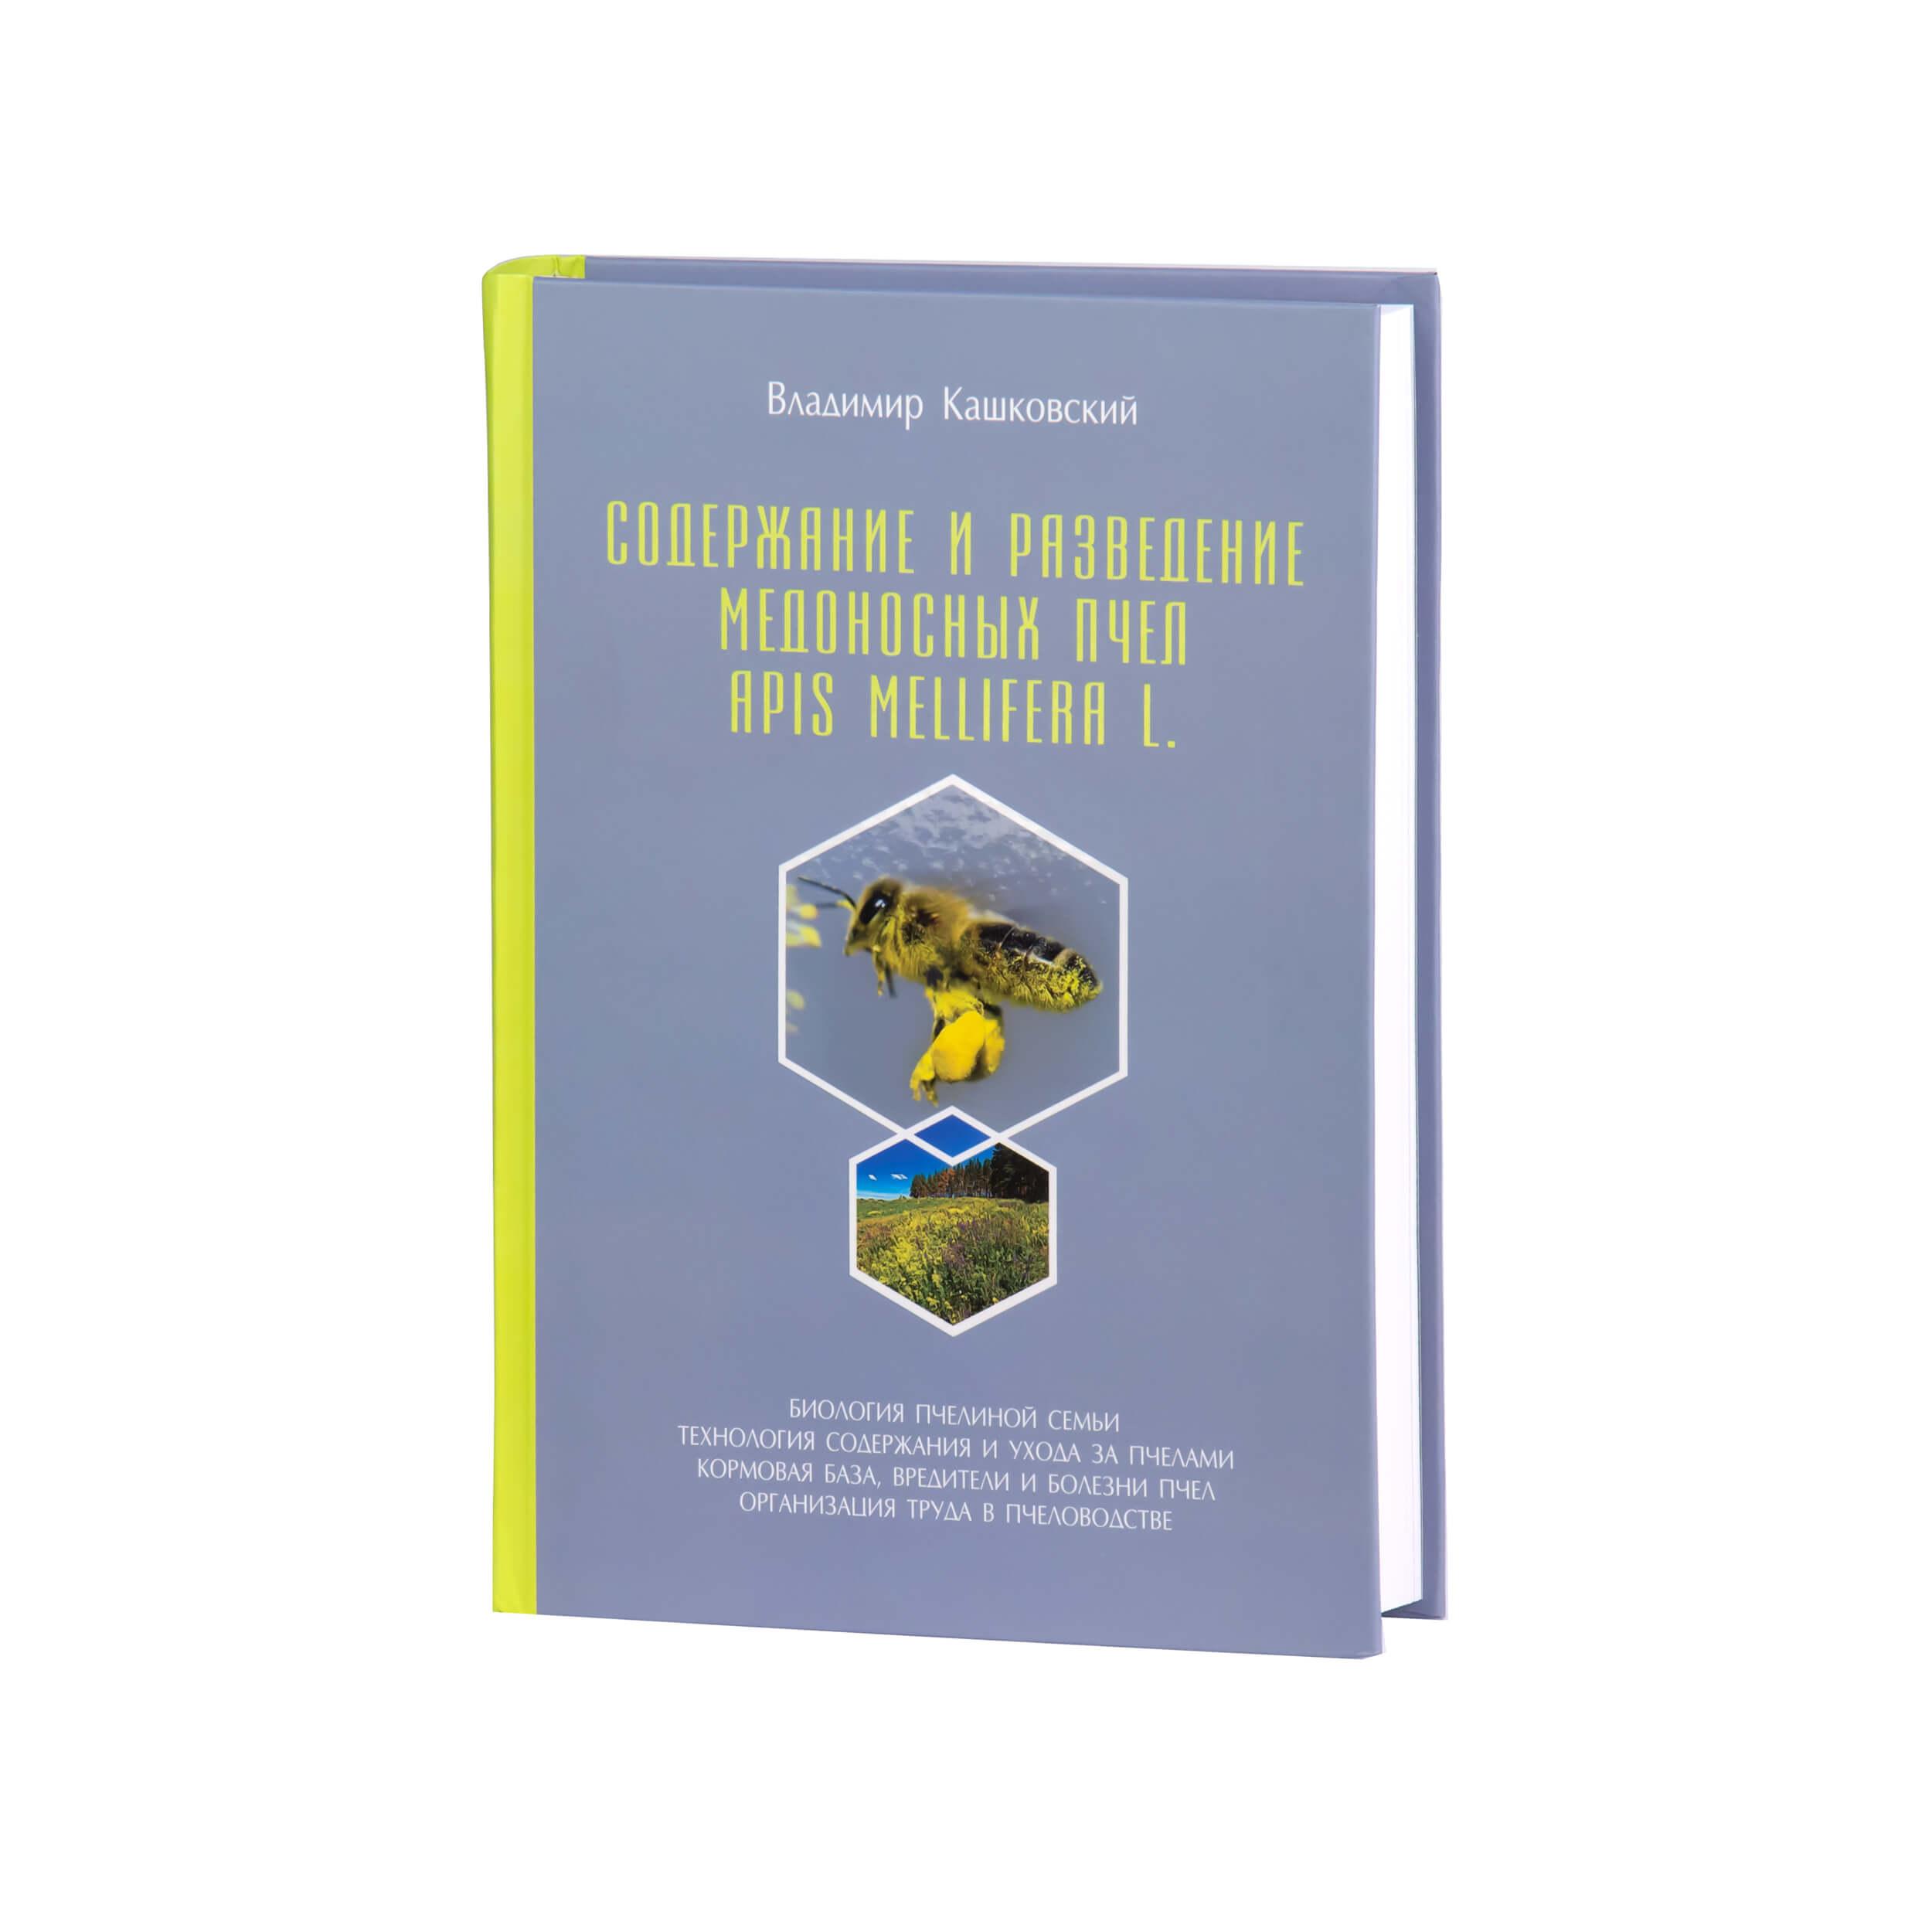 """Книга """"Содержание и разведение медоносных пчел Apis Mellifera L"""" Кашковский В.Г. фото"""